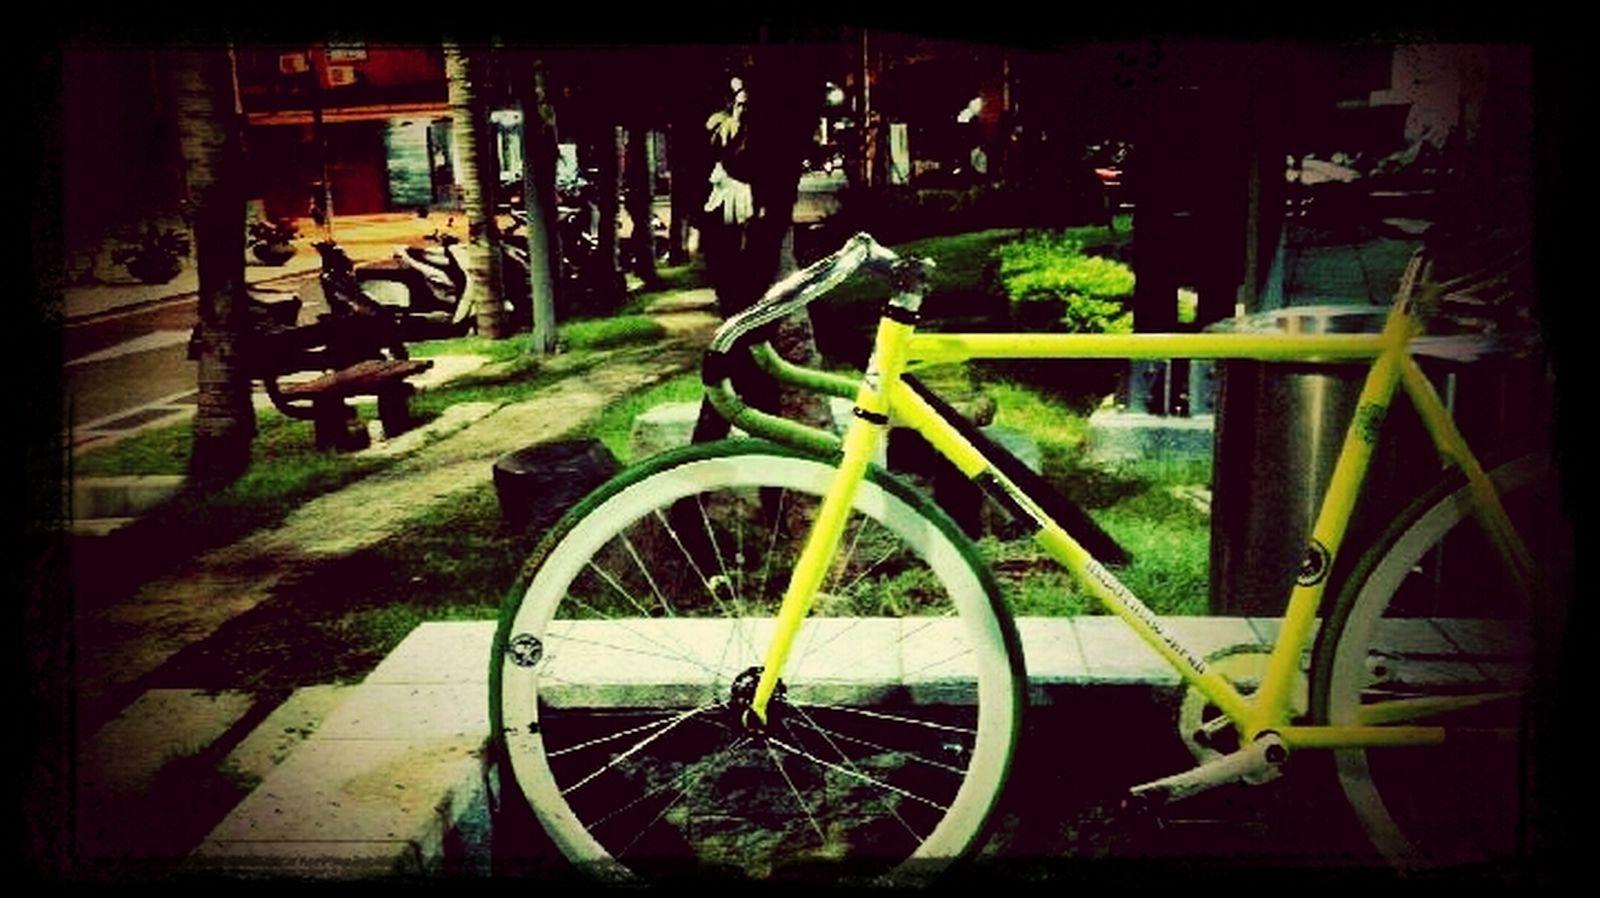 等一個人,單車. Enjoying Life Waiting